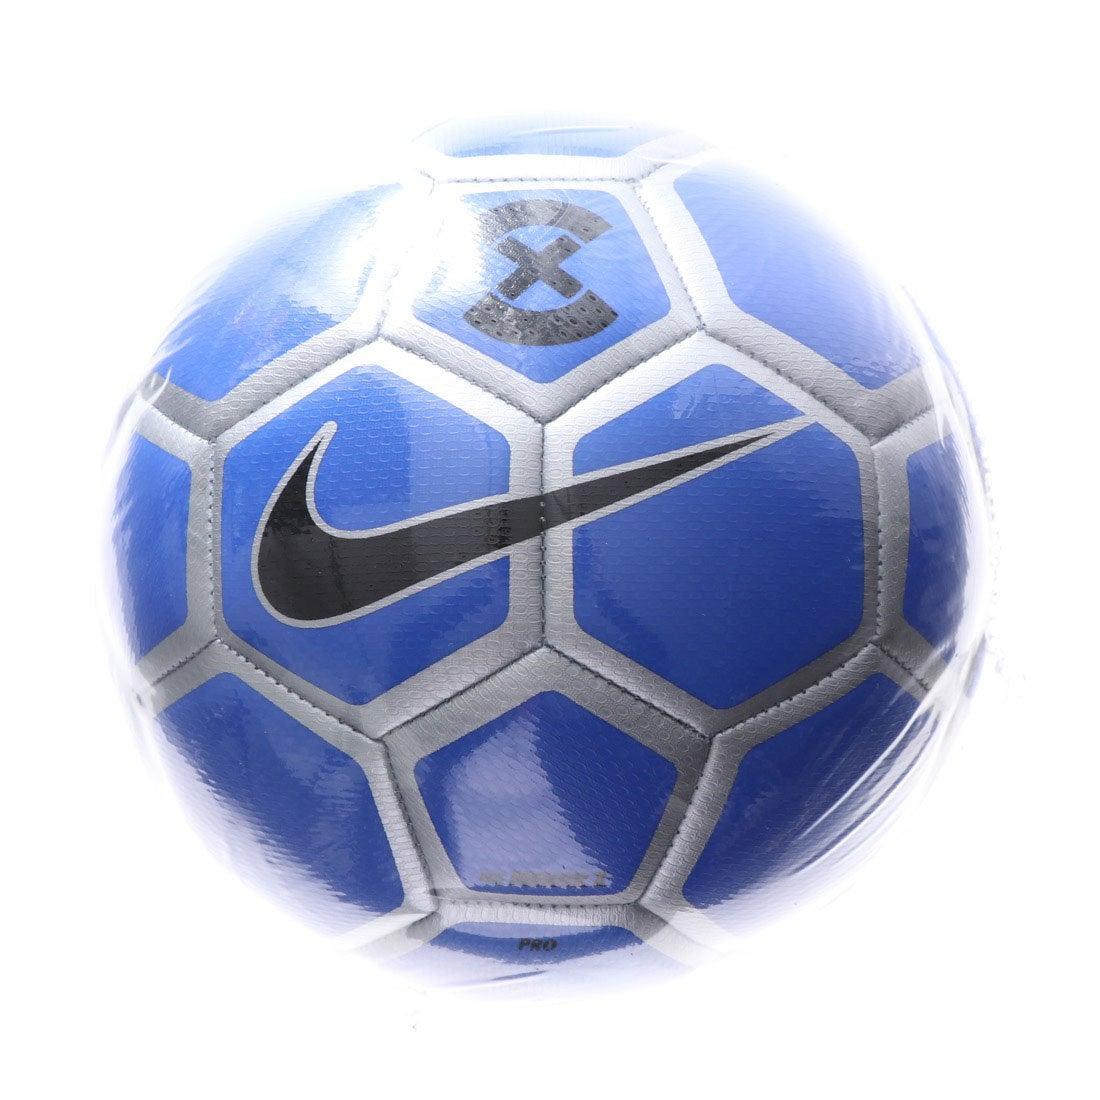 ロコンド 靴とファッションの通販サイトナイキ NIKE フットサル 練習球 ナイキ フットボール X メノール SC3039410